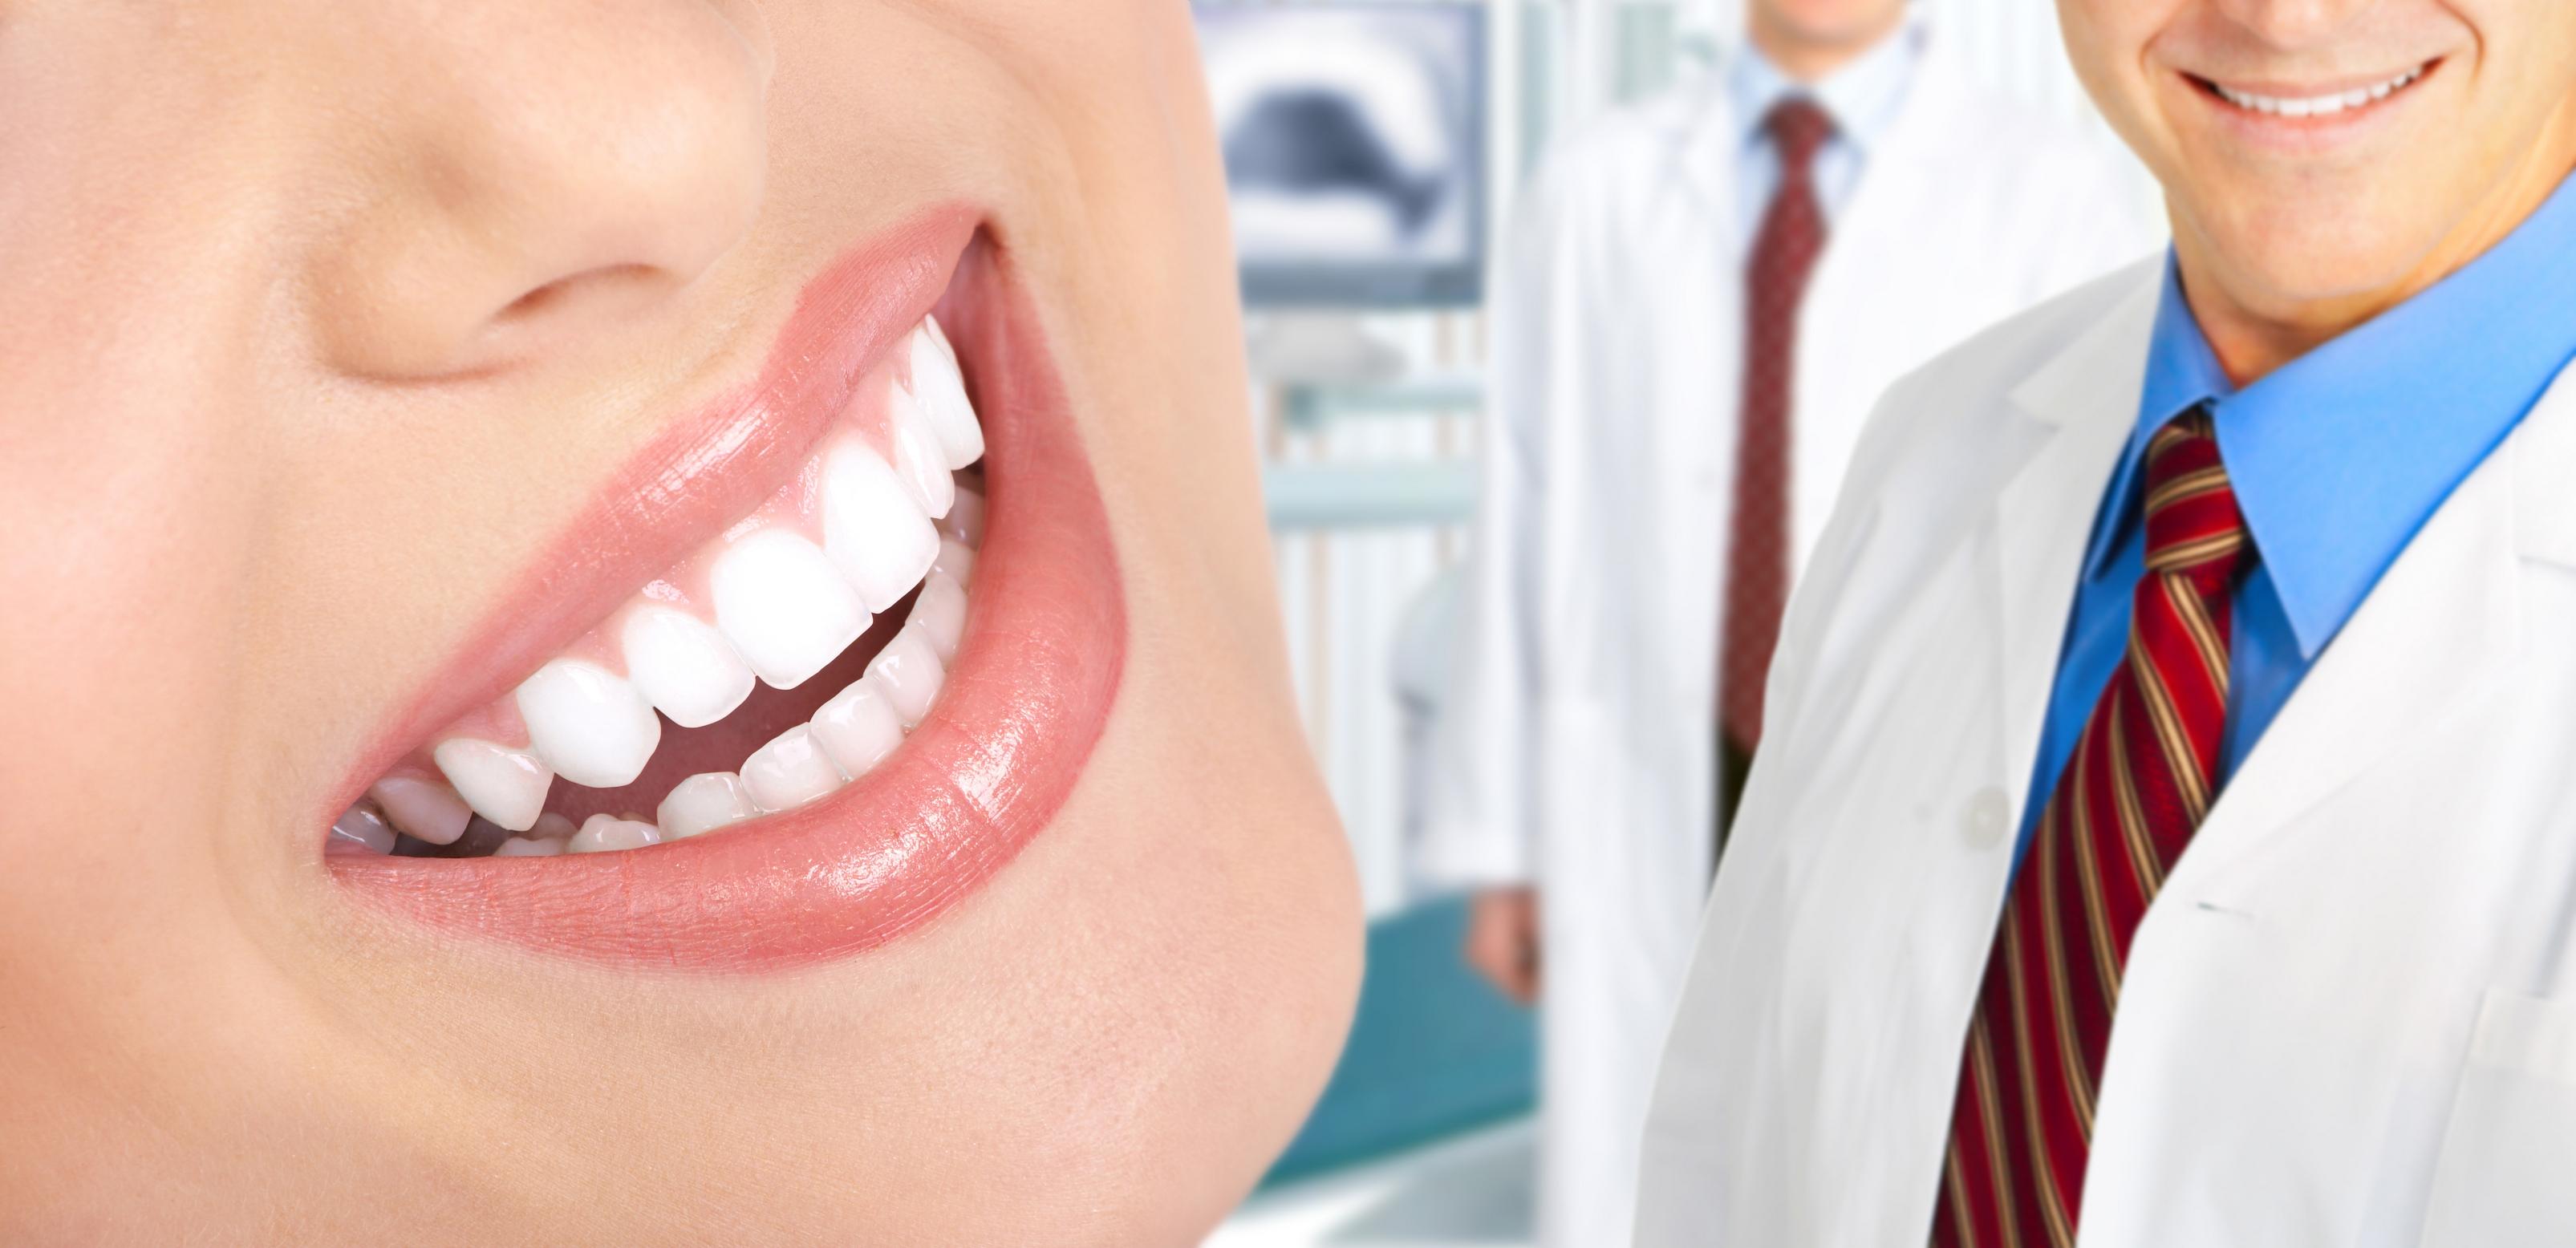 bọc răng sứ có ảnh hưởng gì